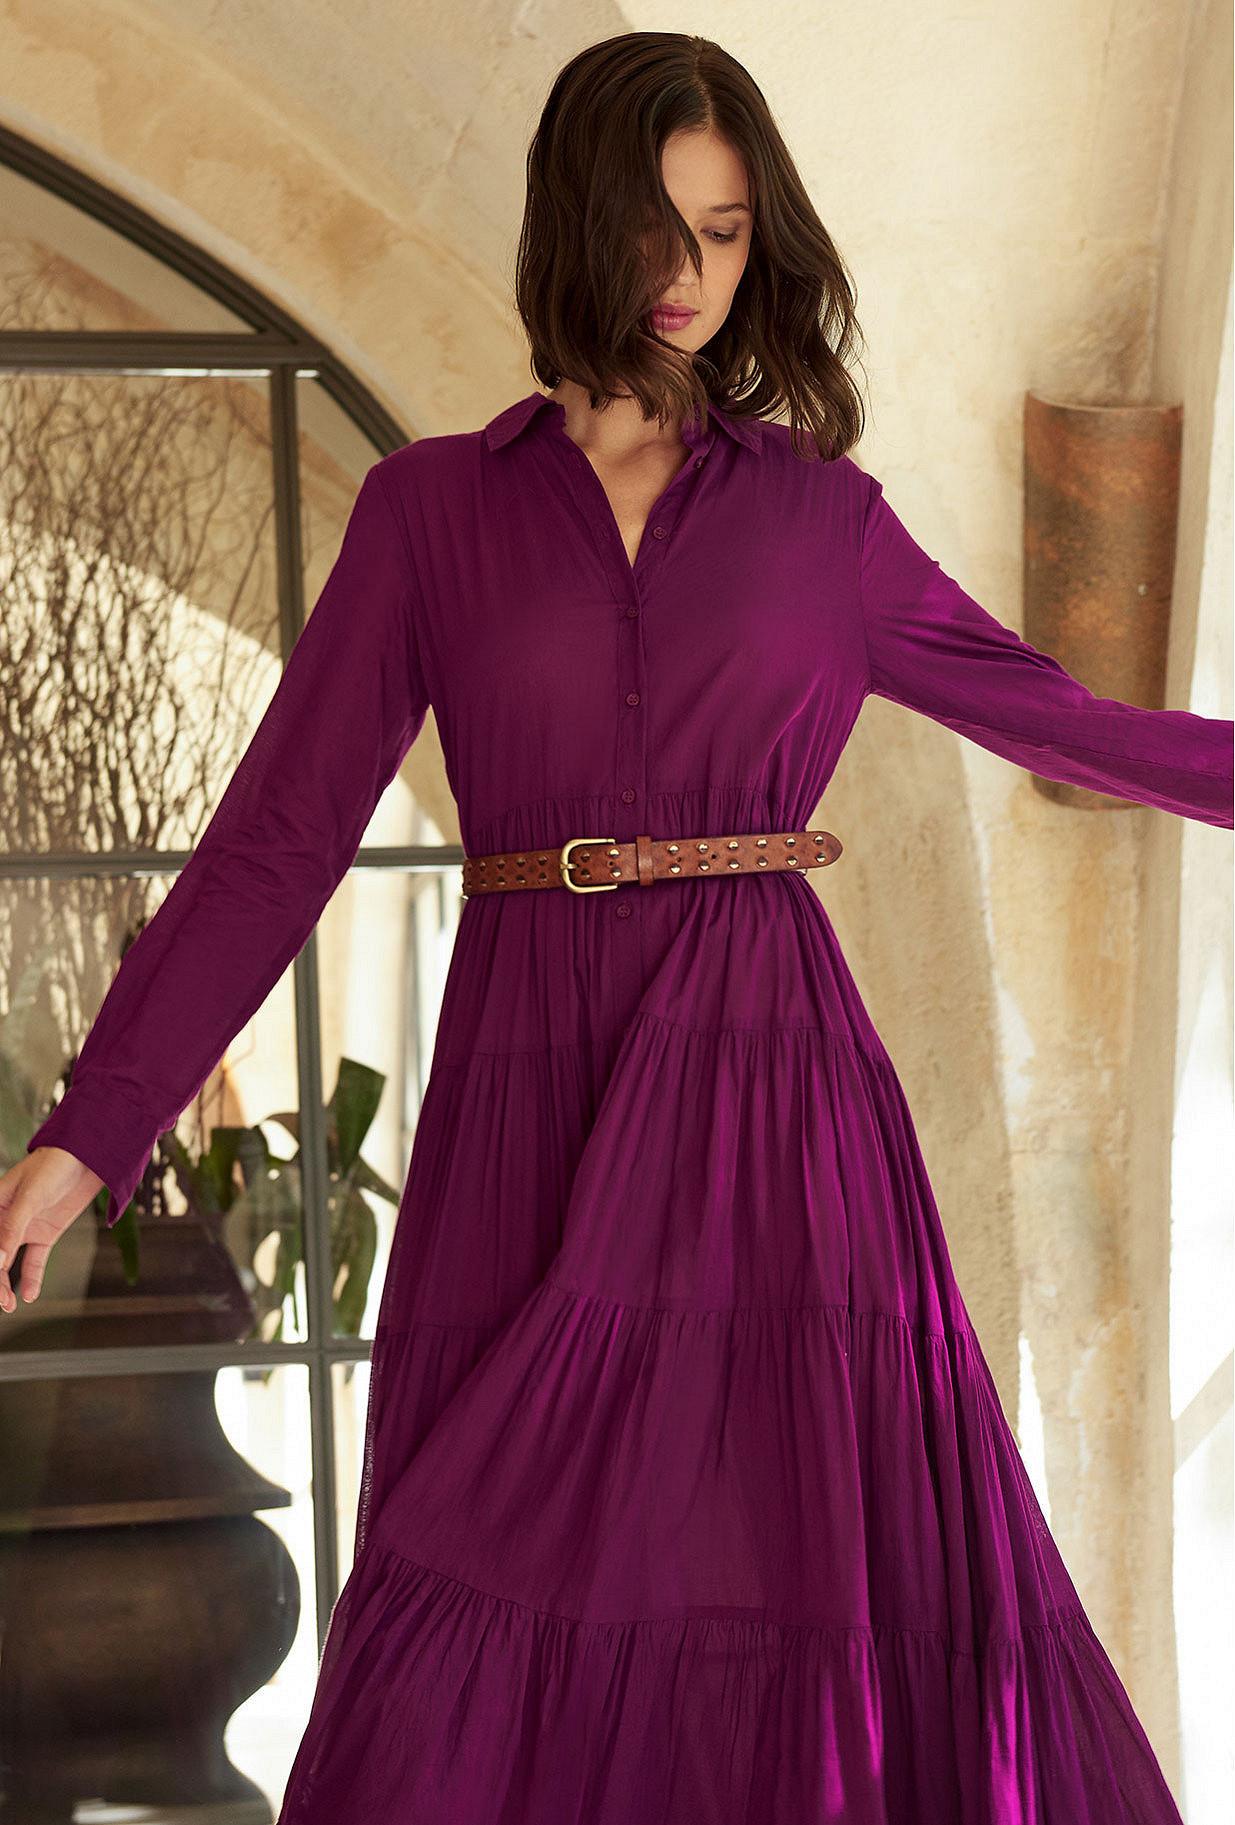 Cognac  Belt  Rotko Mes demoiselles fashion clothes designer Paris